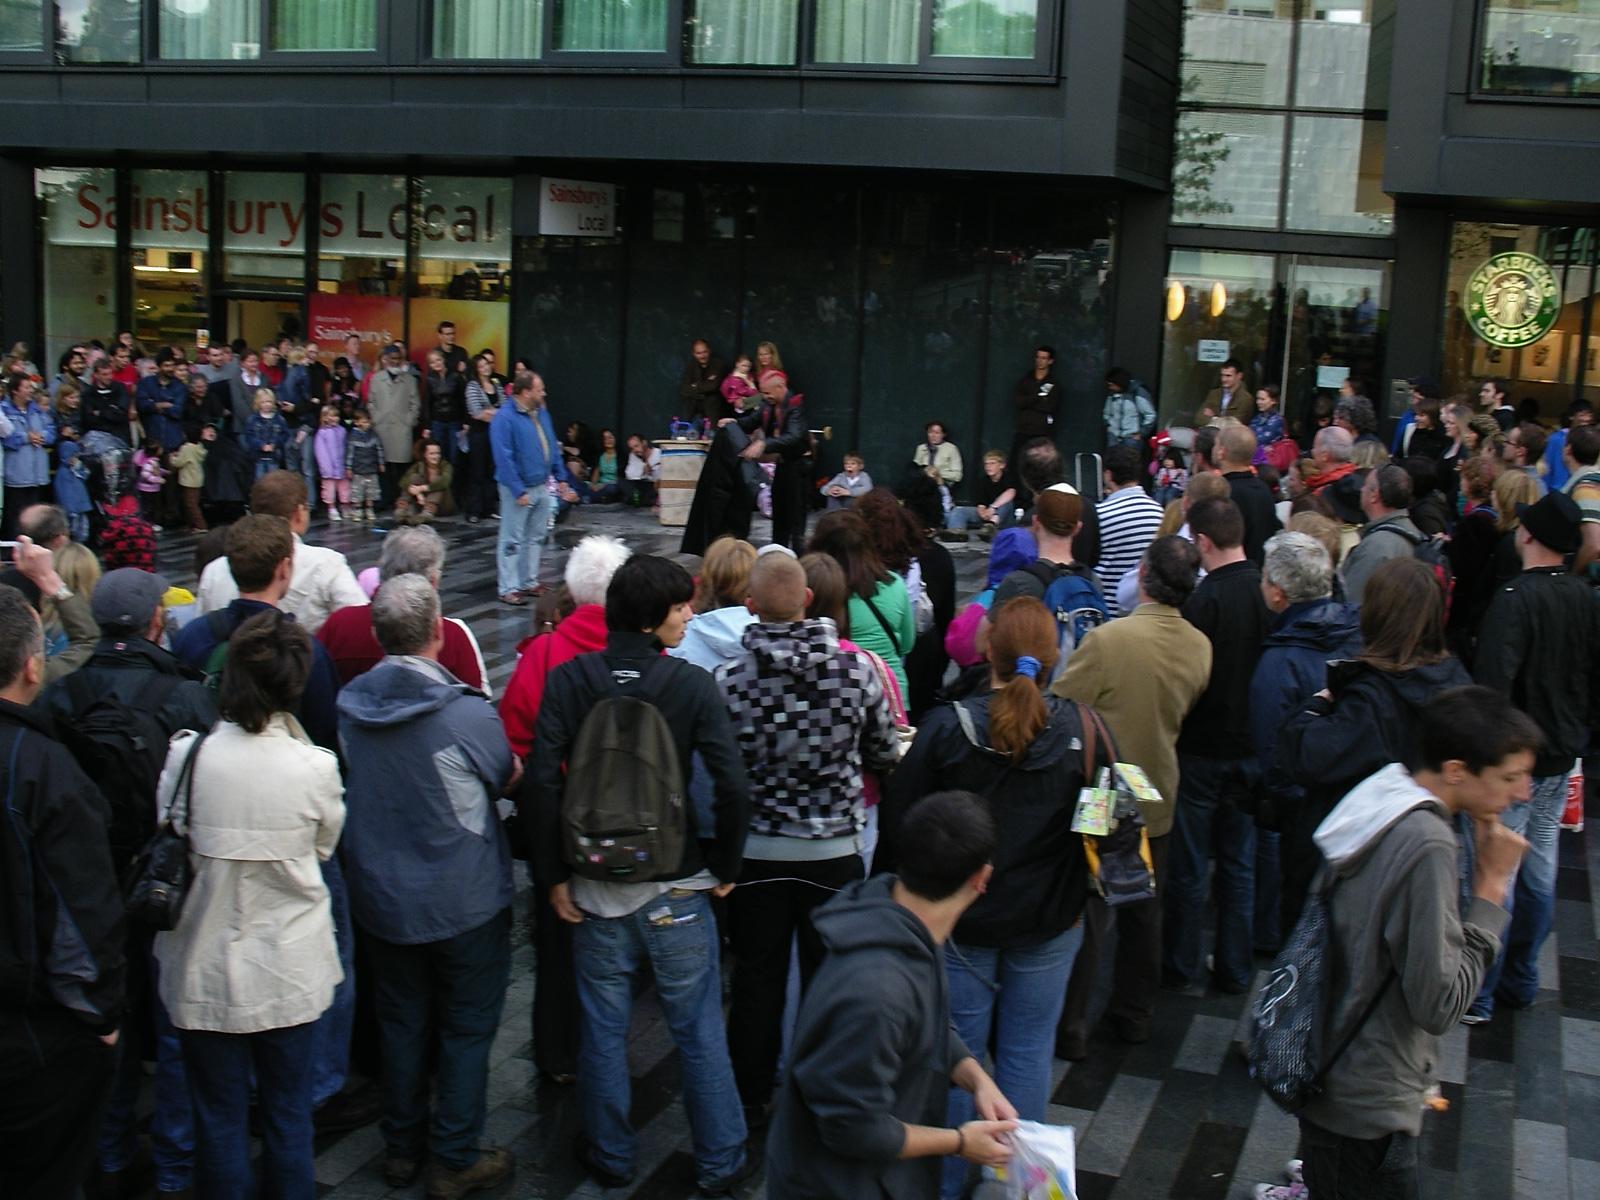 Street performance in front of Starbucks, Edinburgh, in Fringe Festival